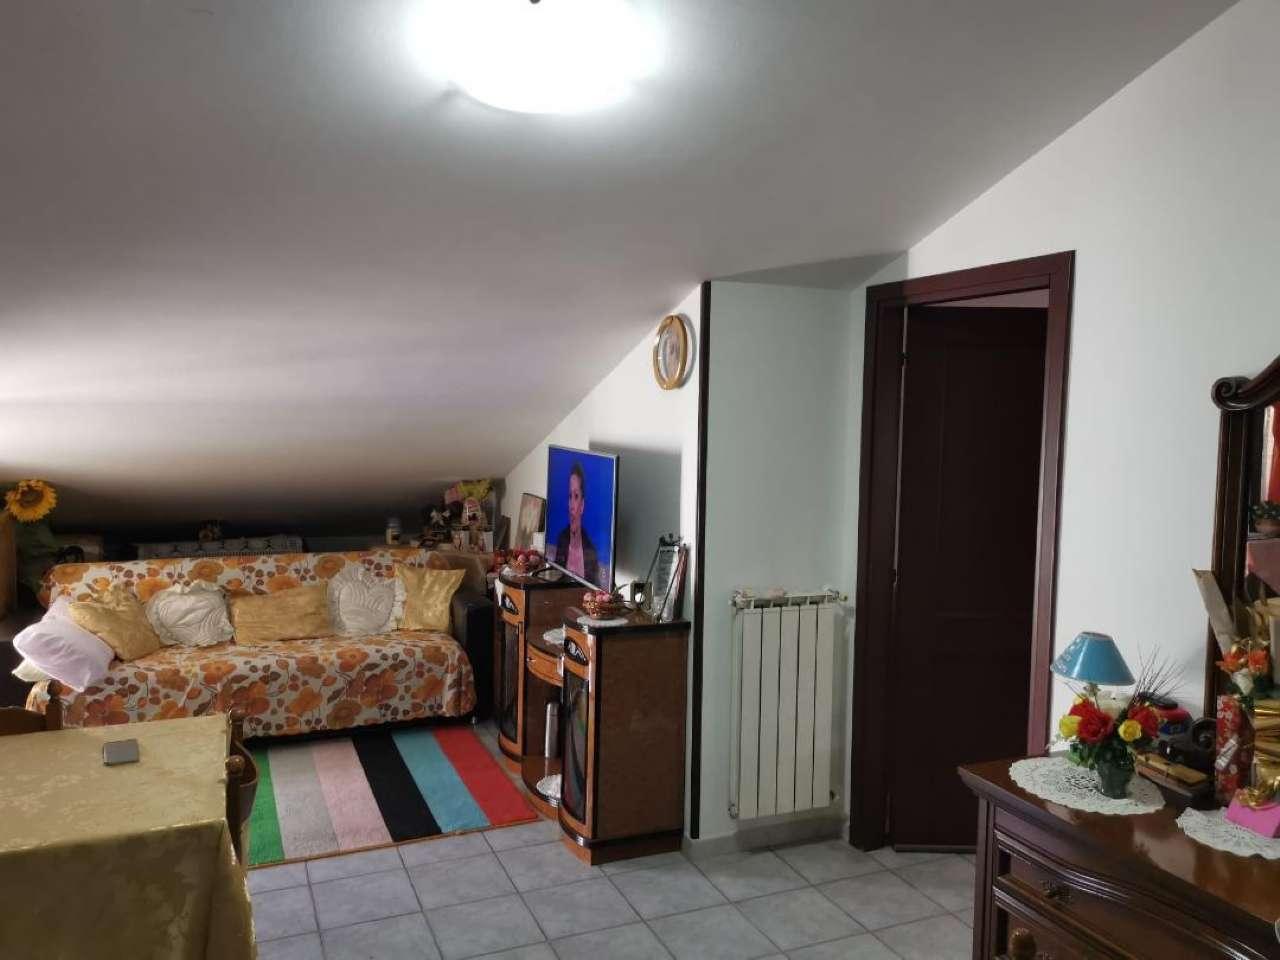 Appartamento in vendita a Valmontone, 2 locali, prezzo € 68.000   PortaleAgenzieImmobiliari.it